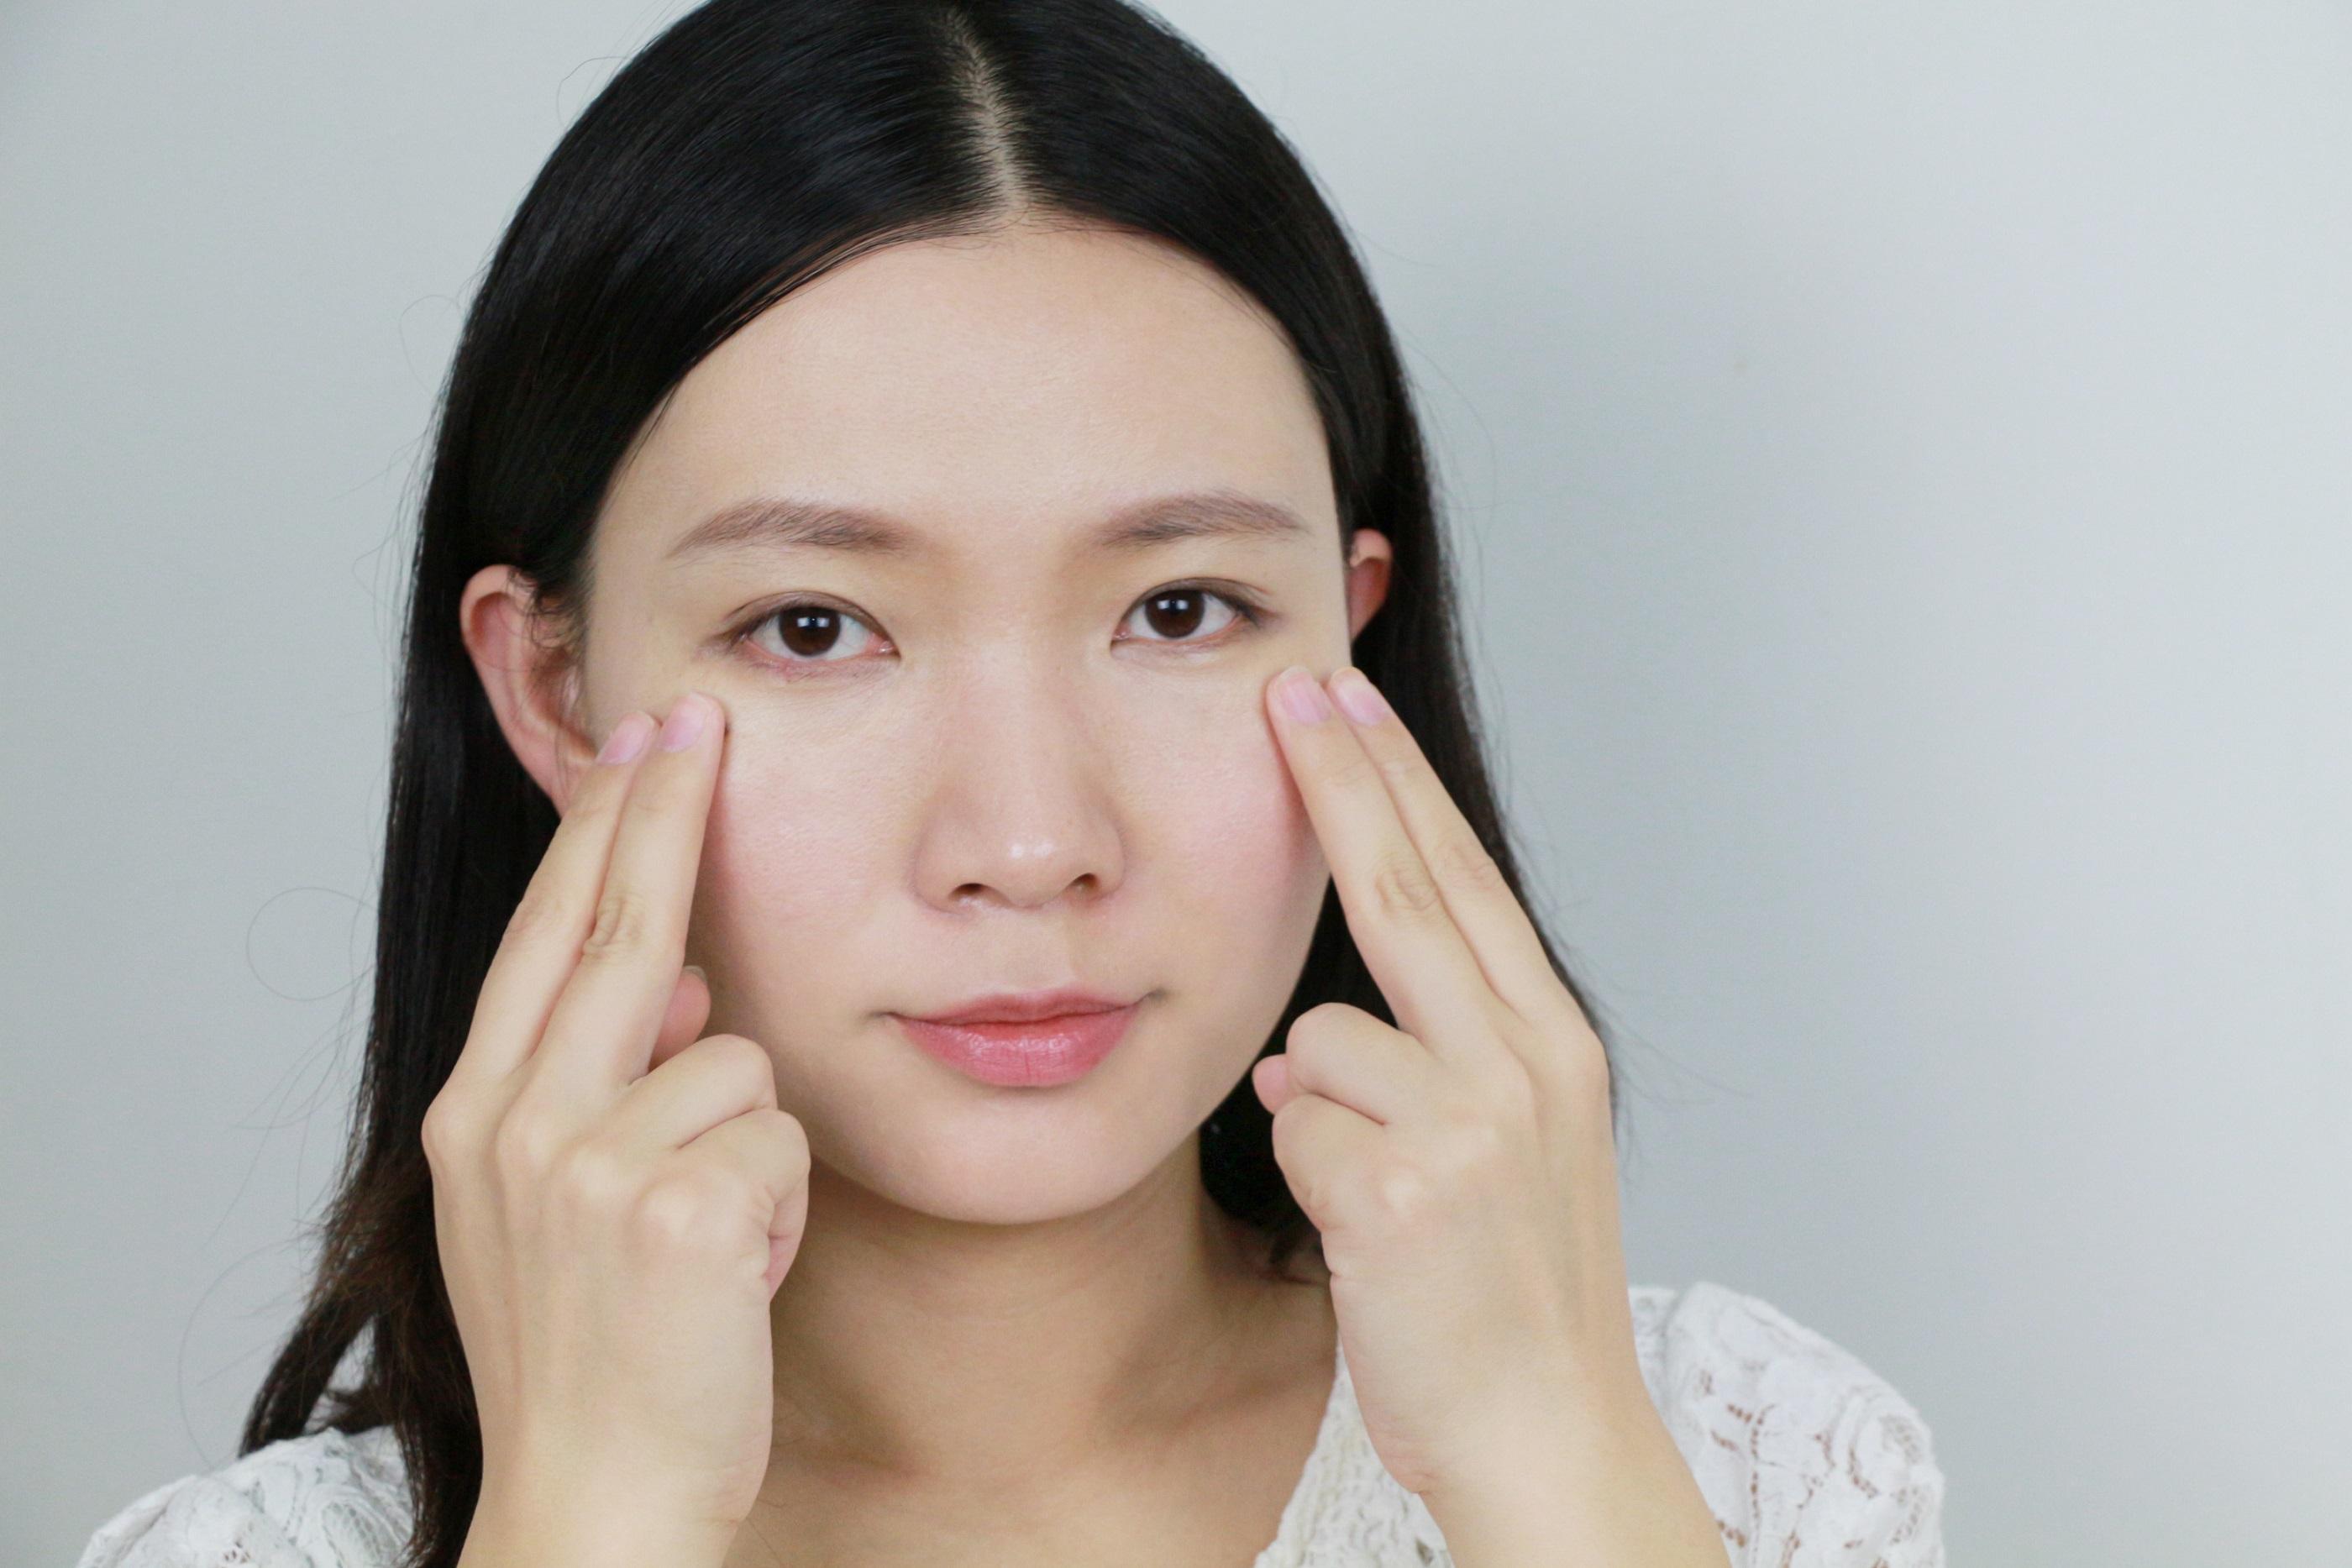 再造鼻部的特点是什么 美化鼻梁让你不再苦闷